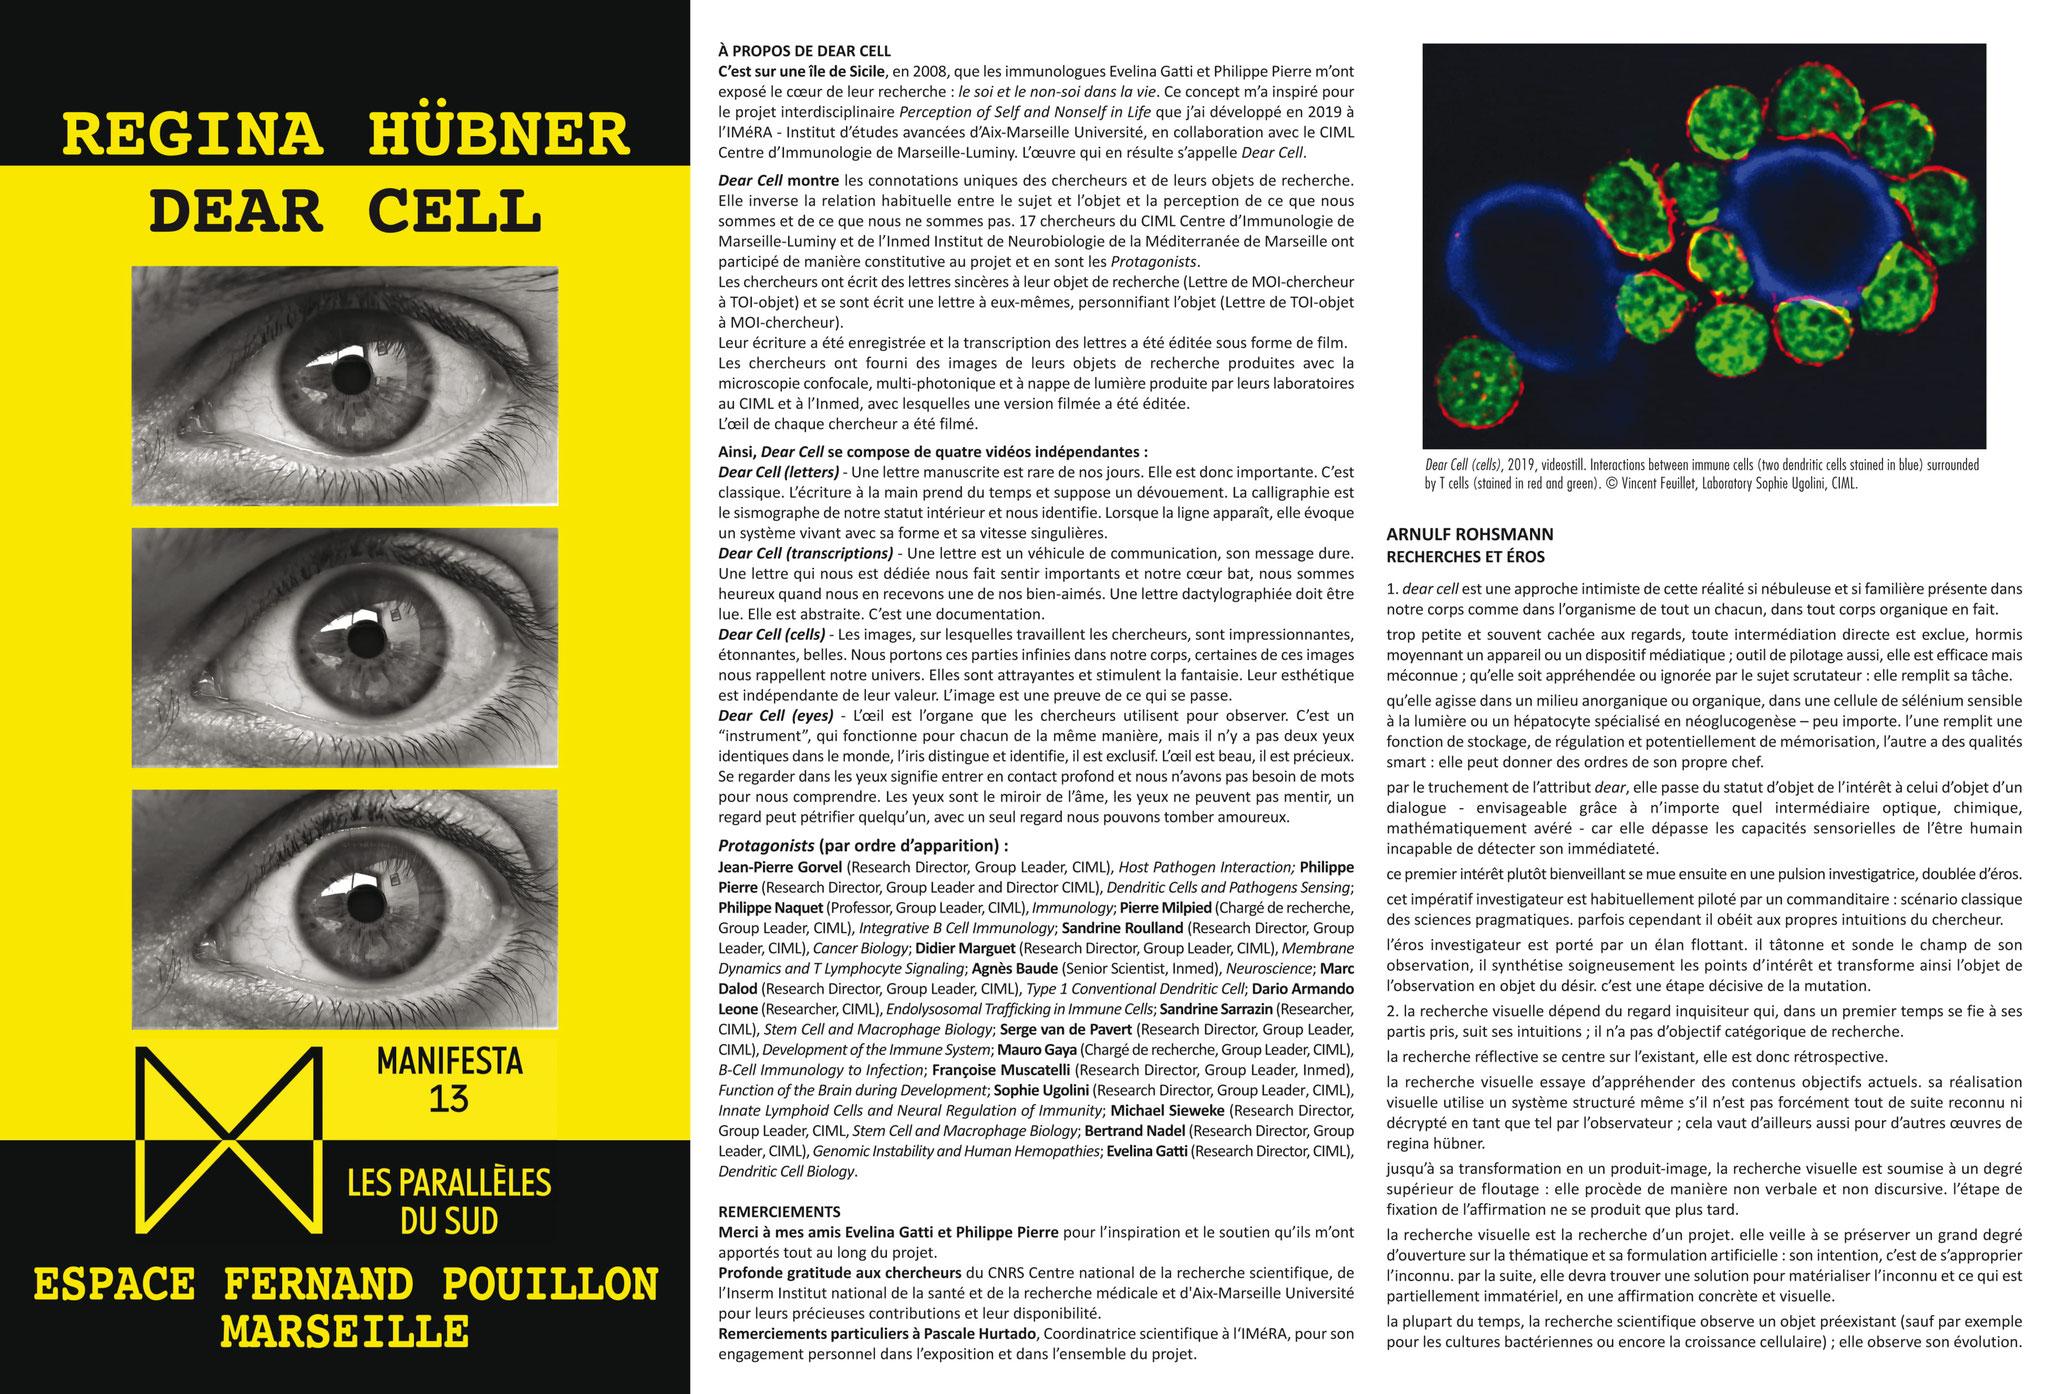 MANIFESTA 13 - Regina Hübner - Dear Cell